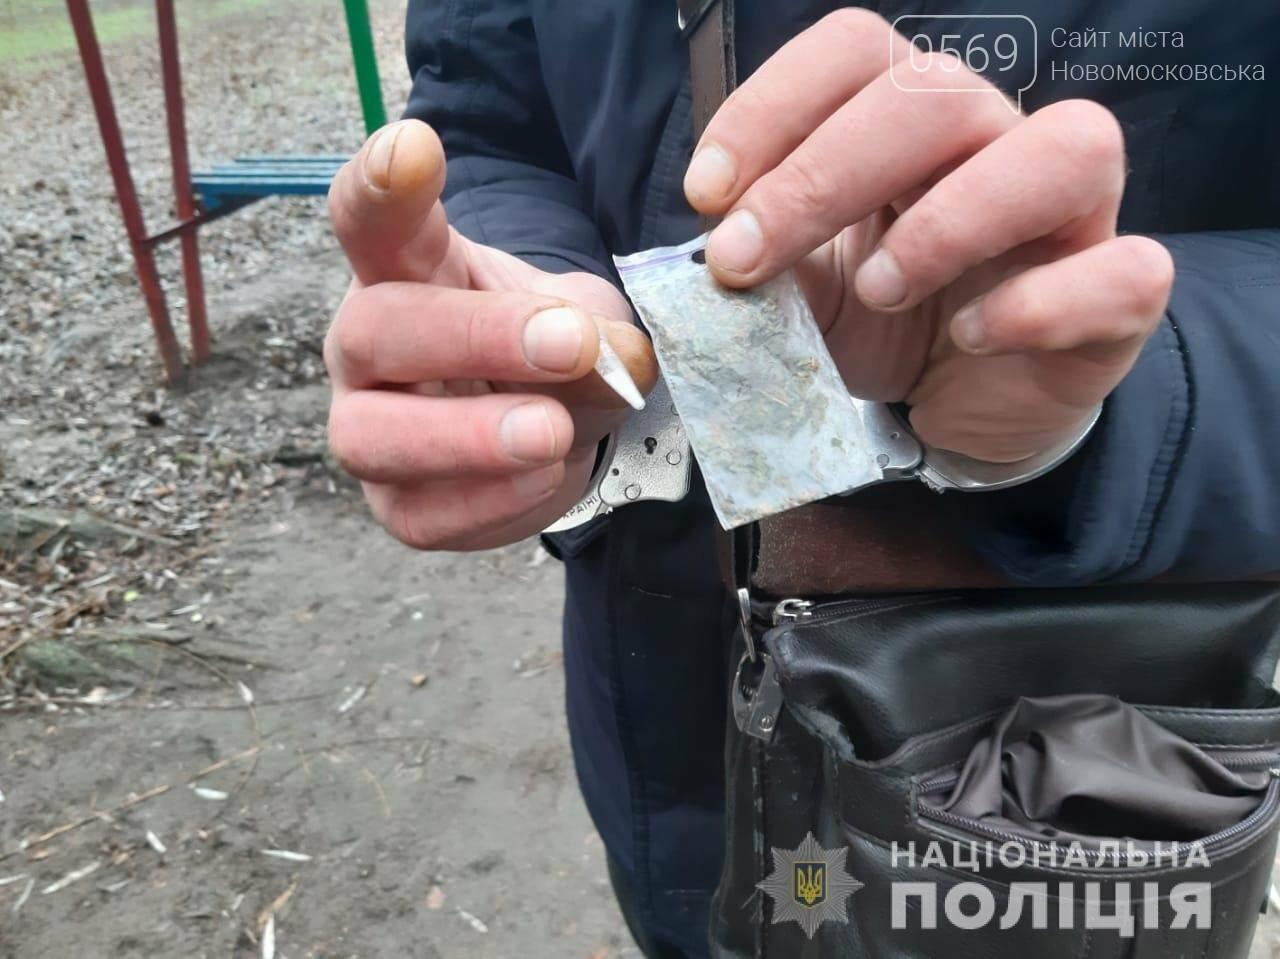 У 5-х мешканців Новомосковська знайшли наркотики, фото-2